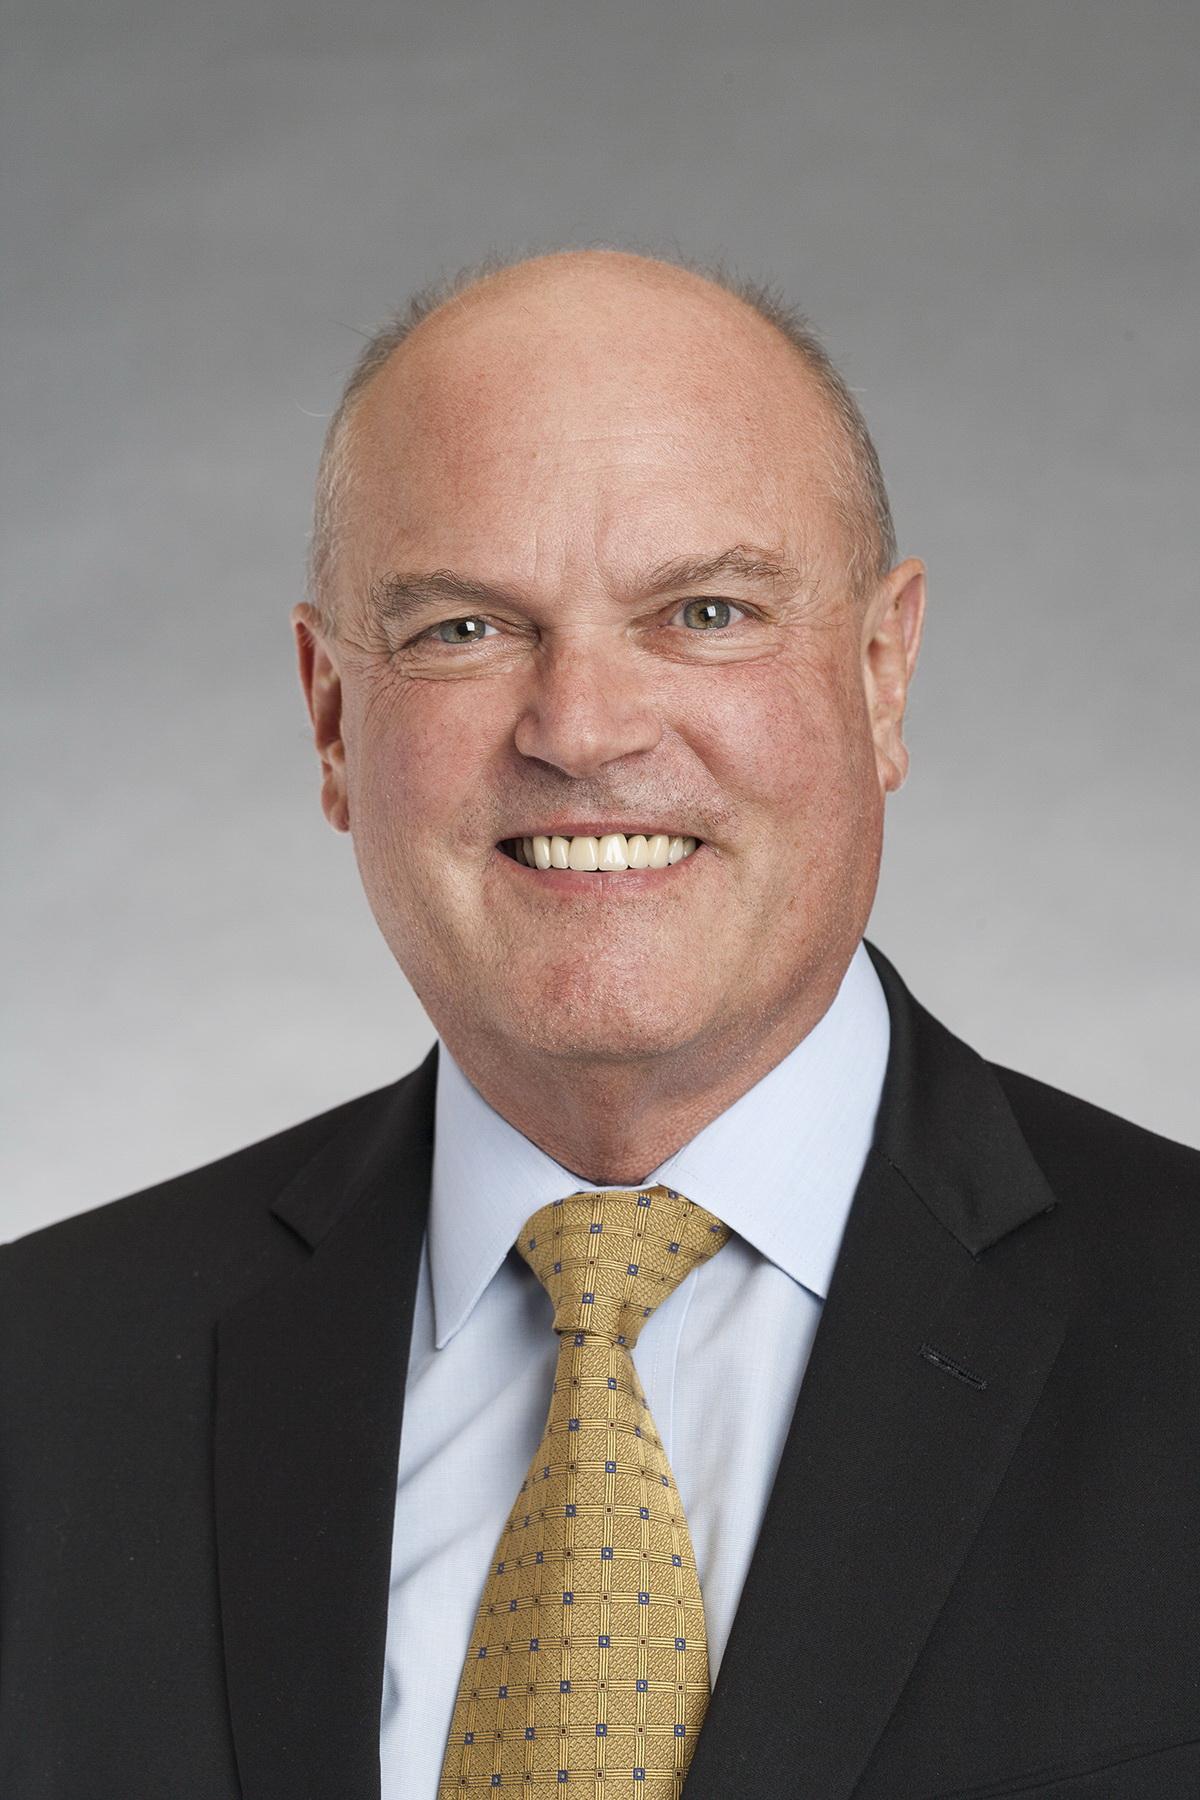 אלן ווטרס מנכל חברת הביטוח סיריוס: בטוח ב-110 אחוזים בהתממשותה של הרכישה